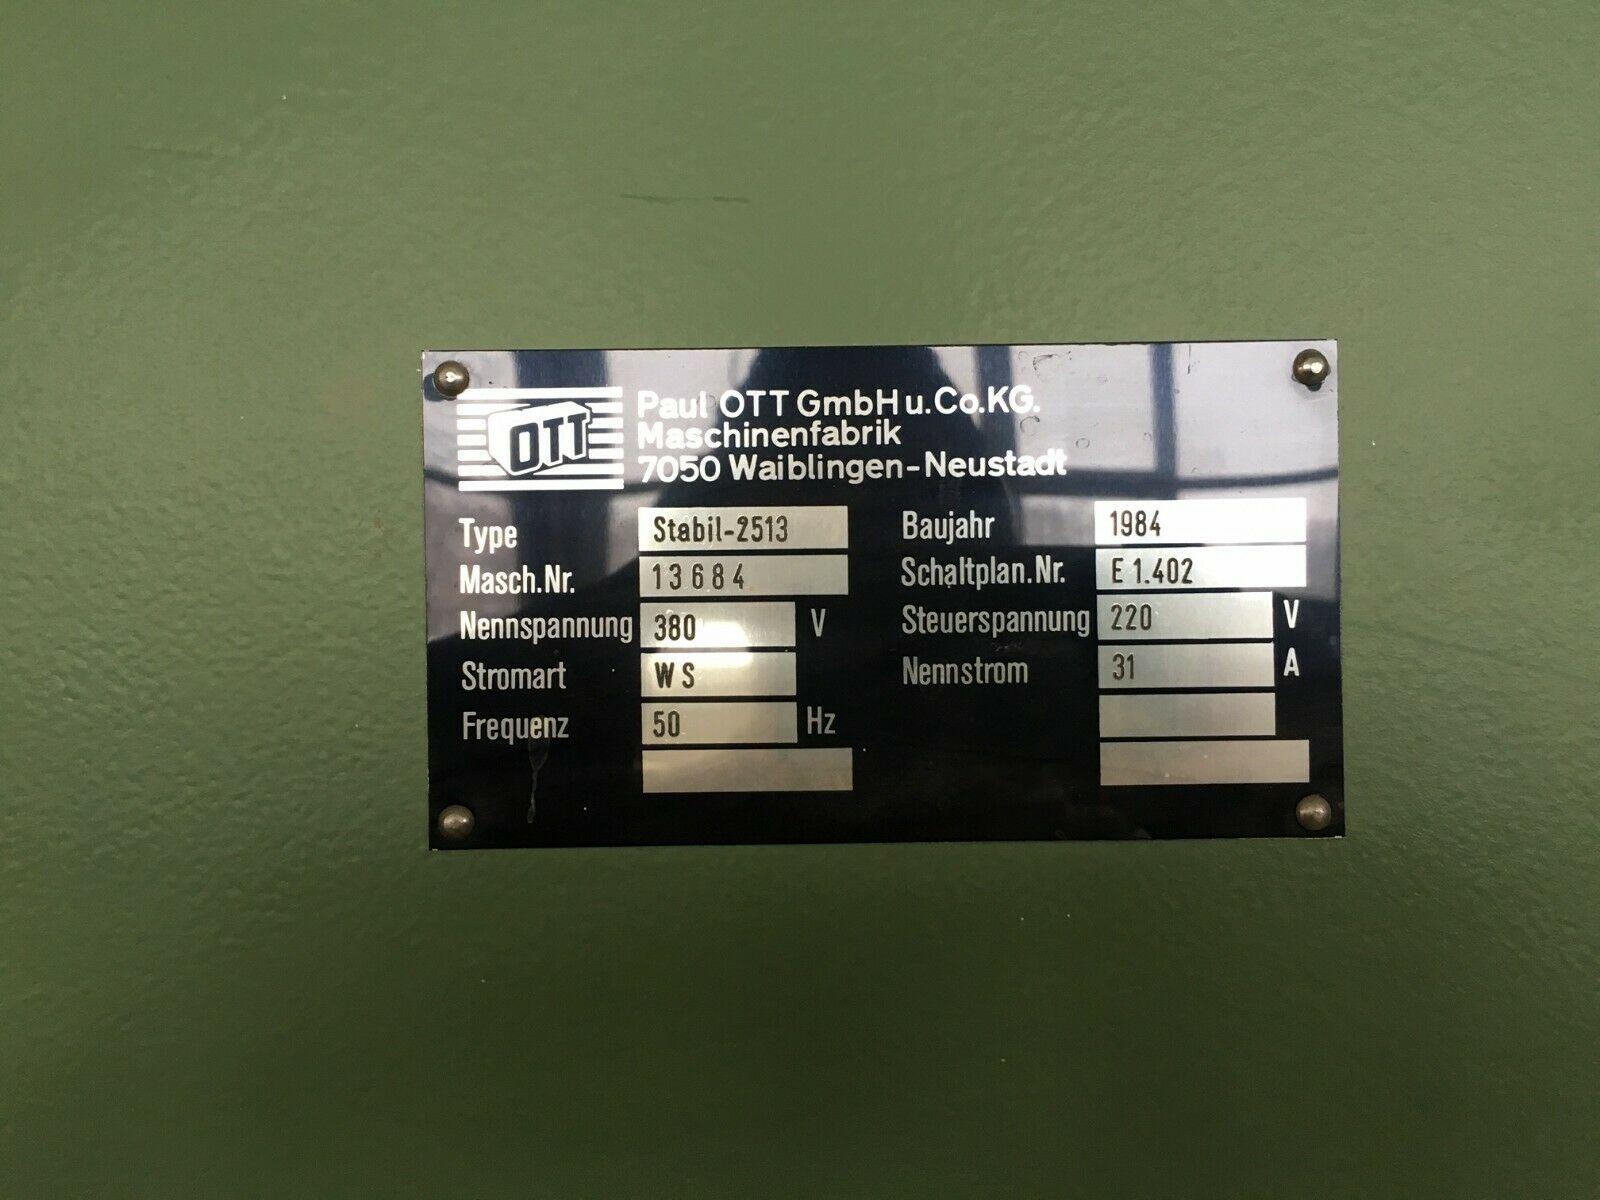 Furnierpresse OTT 2550x1350 Stabil-2513 voll funktionsfähig